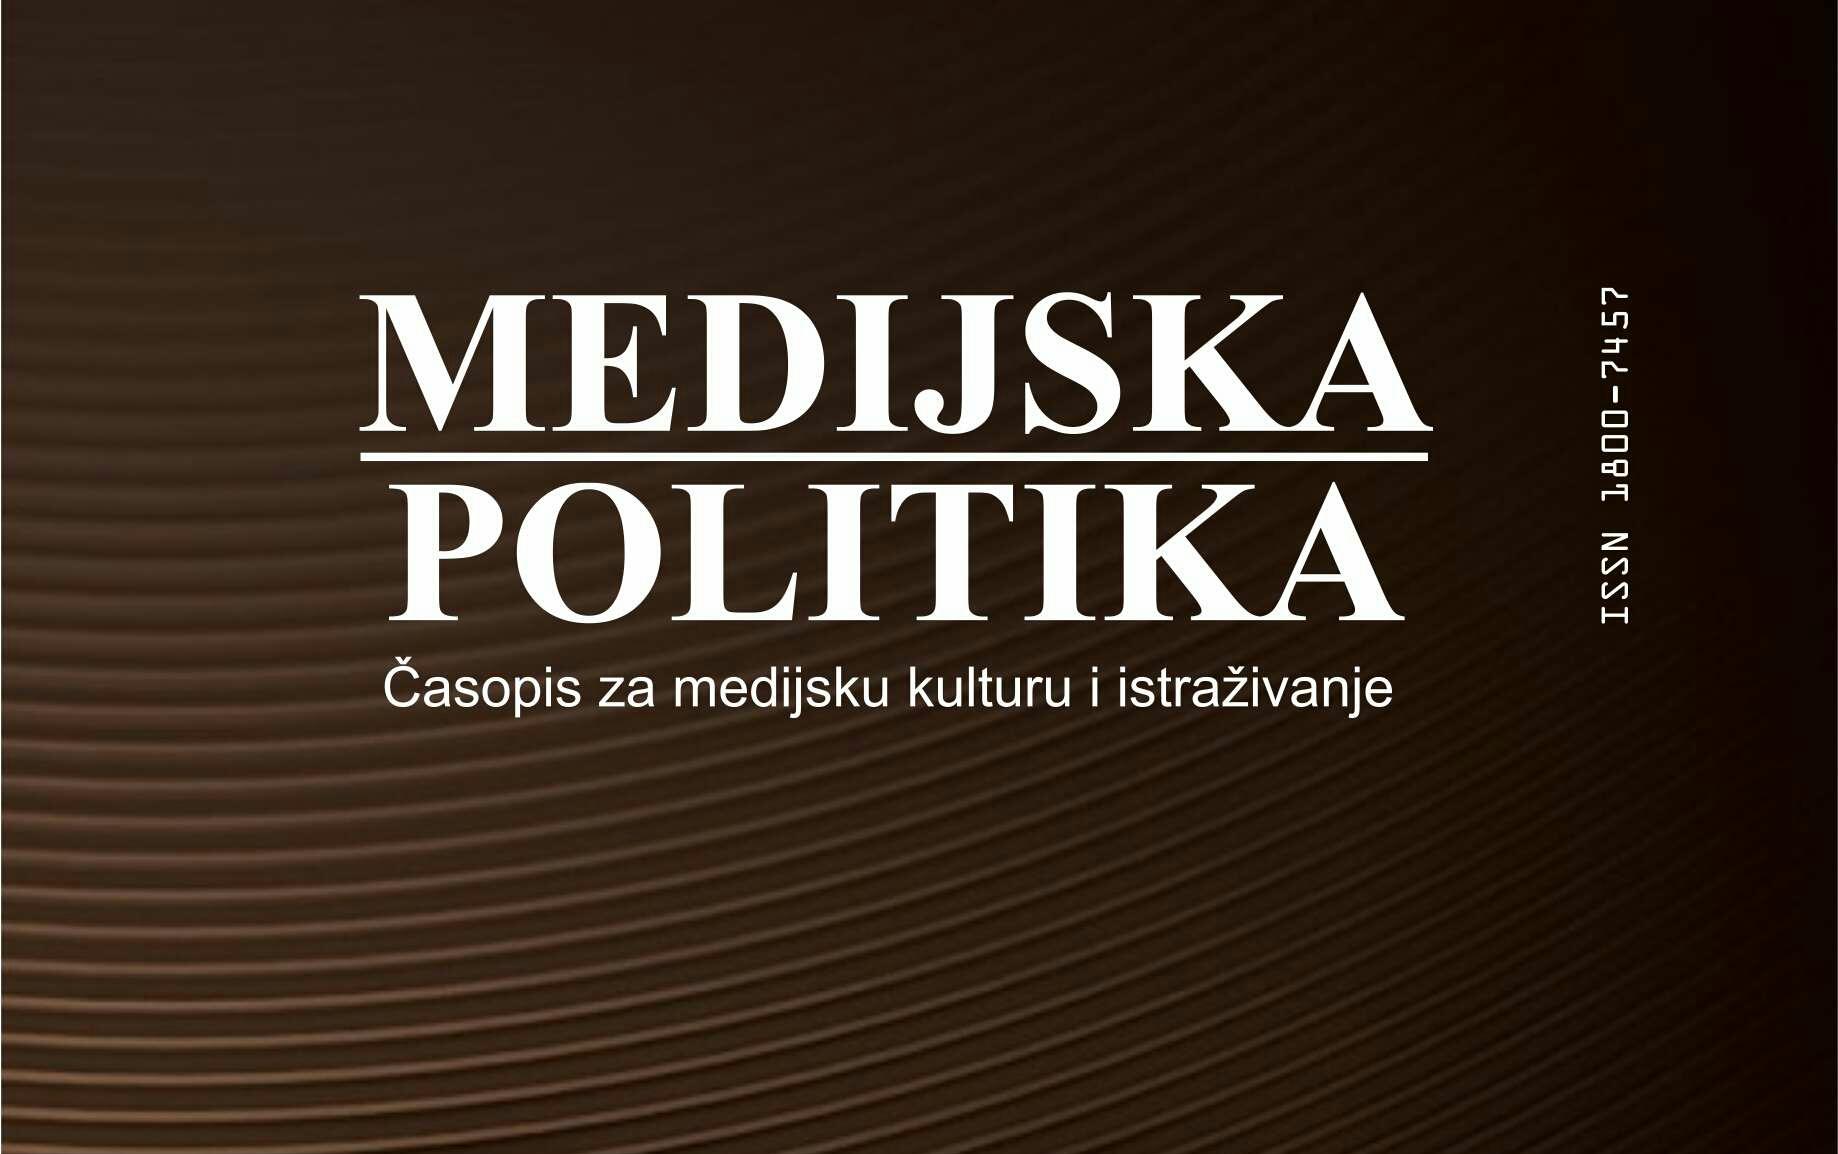 Iz štampe izašao 15. broj Medijske politike